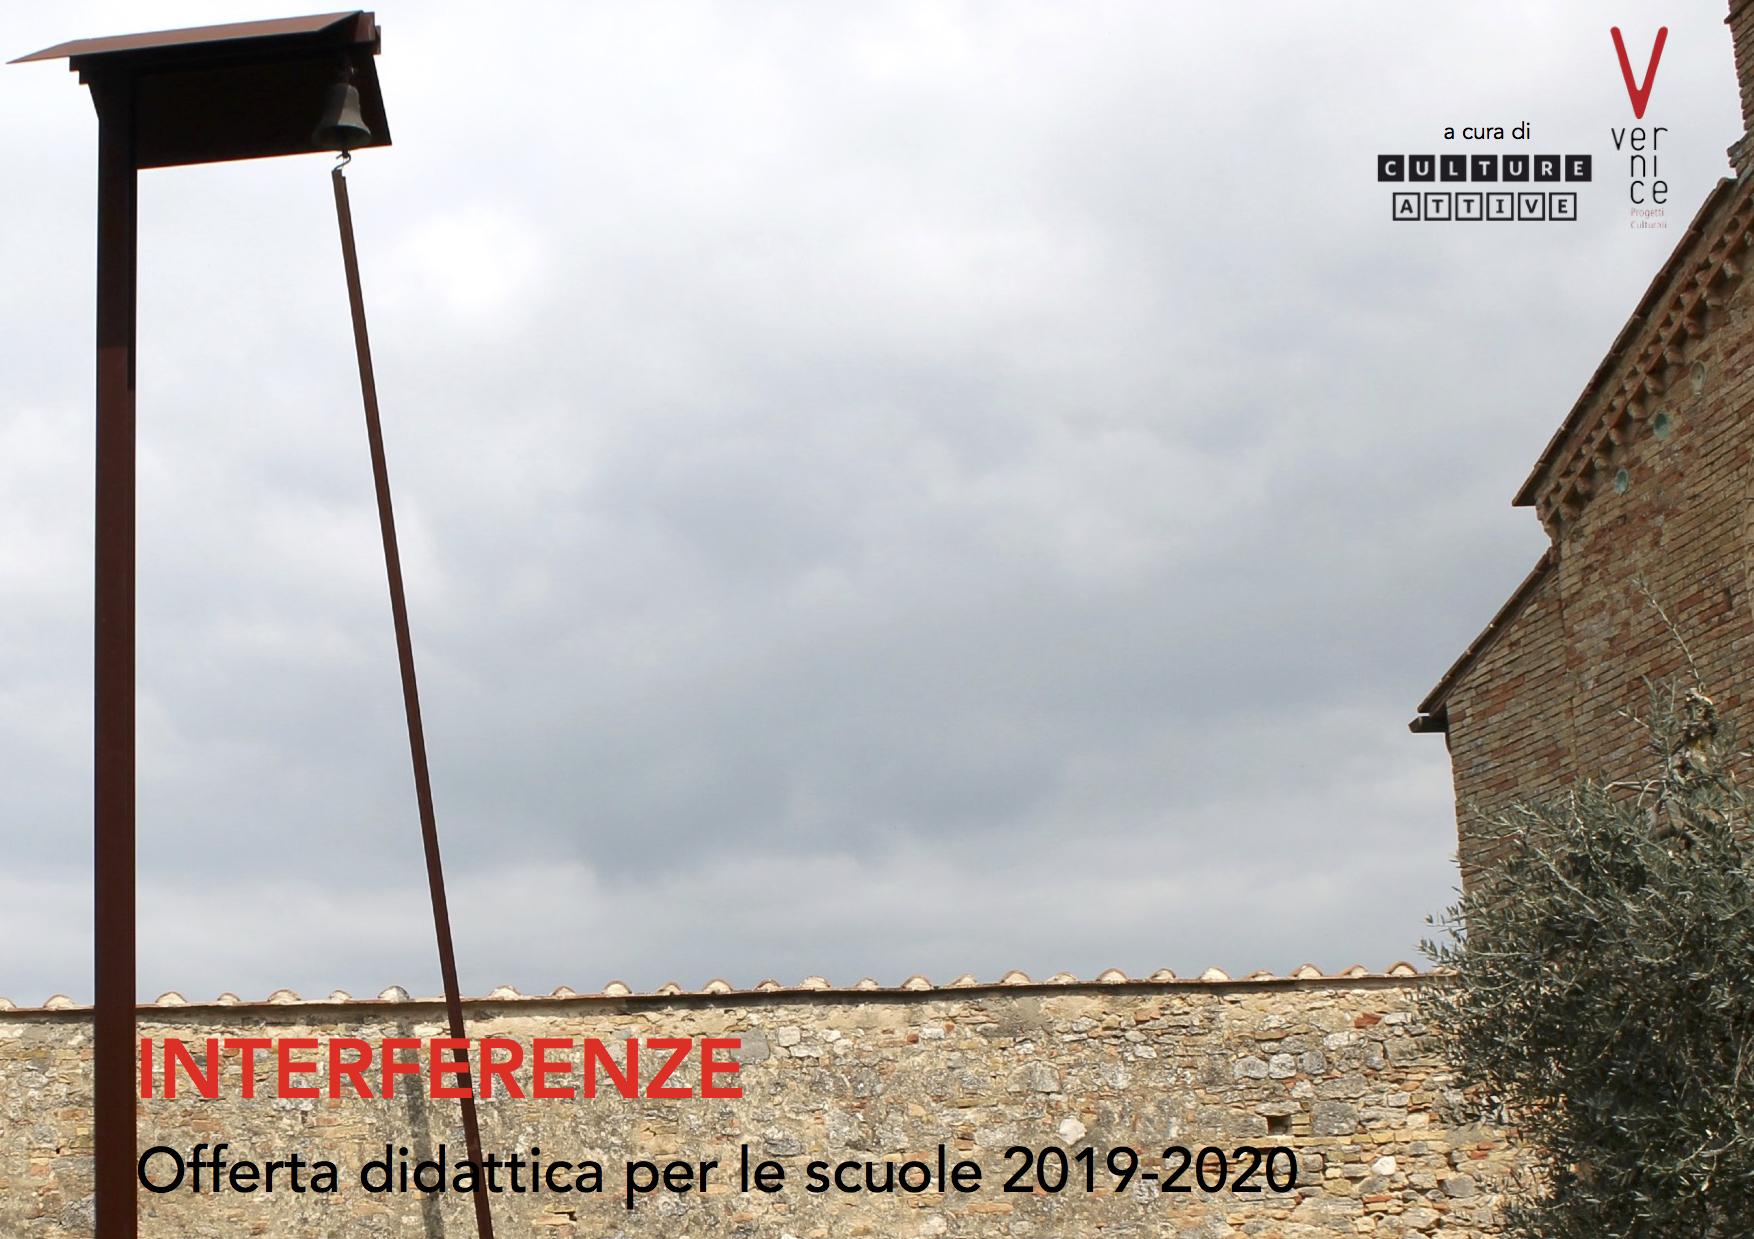 DIDATTICA INTERFERENZE PRIMARIE SG 2019-2020